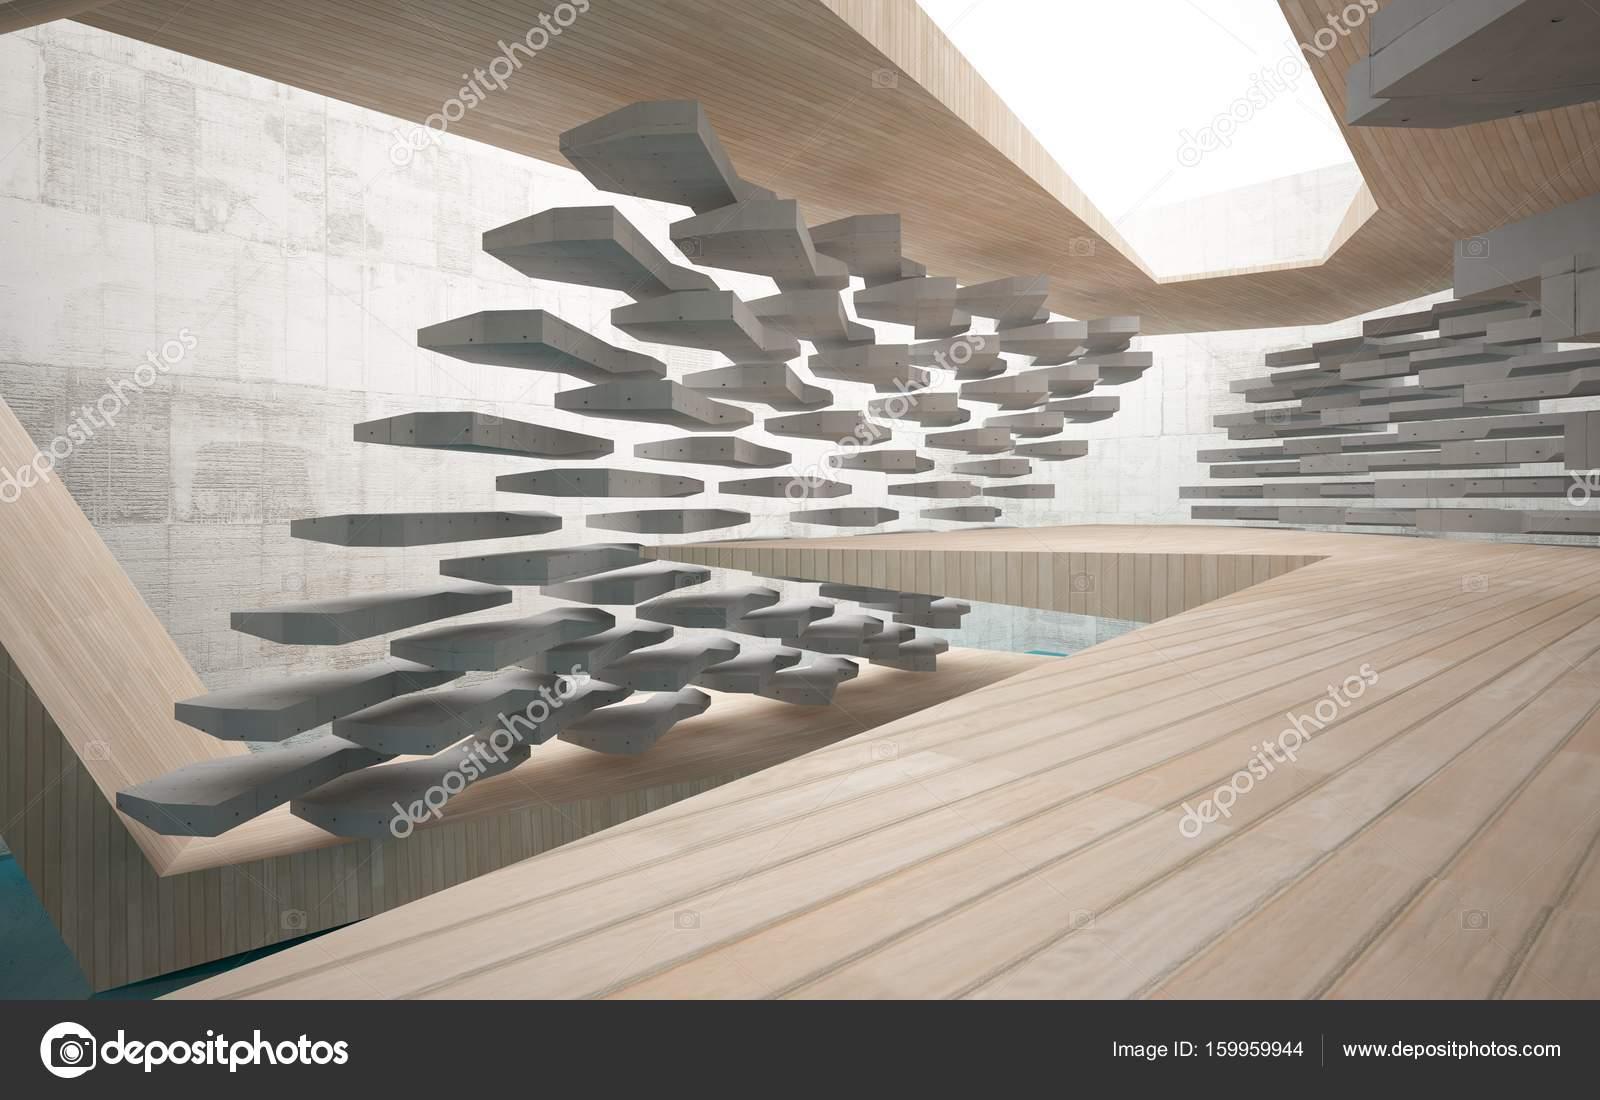 Beton In Interieur : Abstrakte interieur aus holz glas und beton u stockfoto